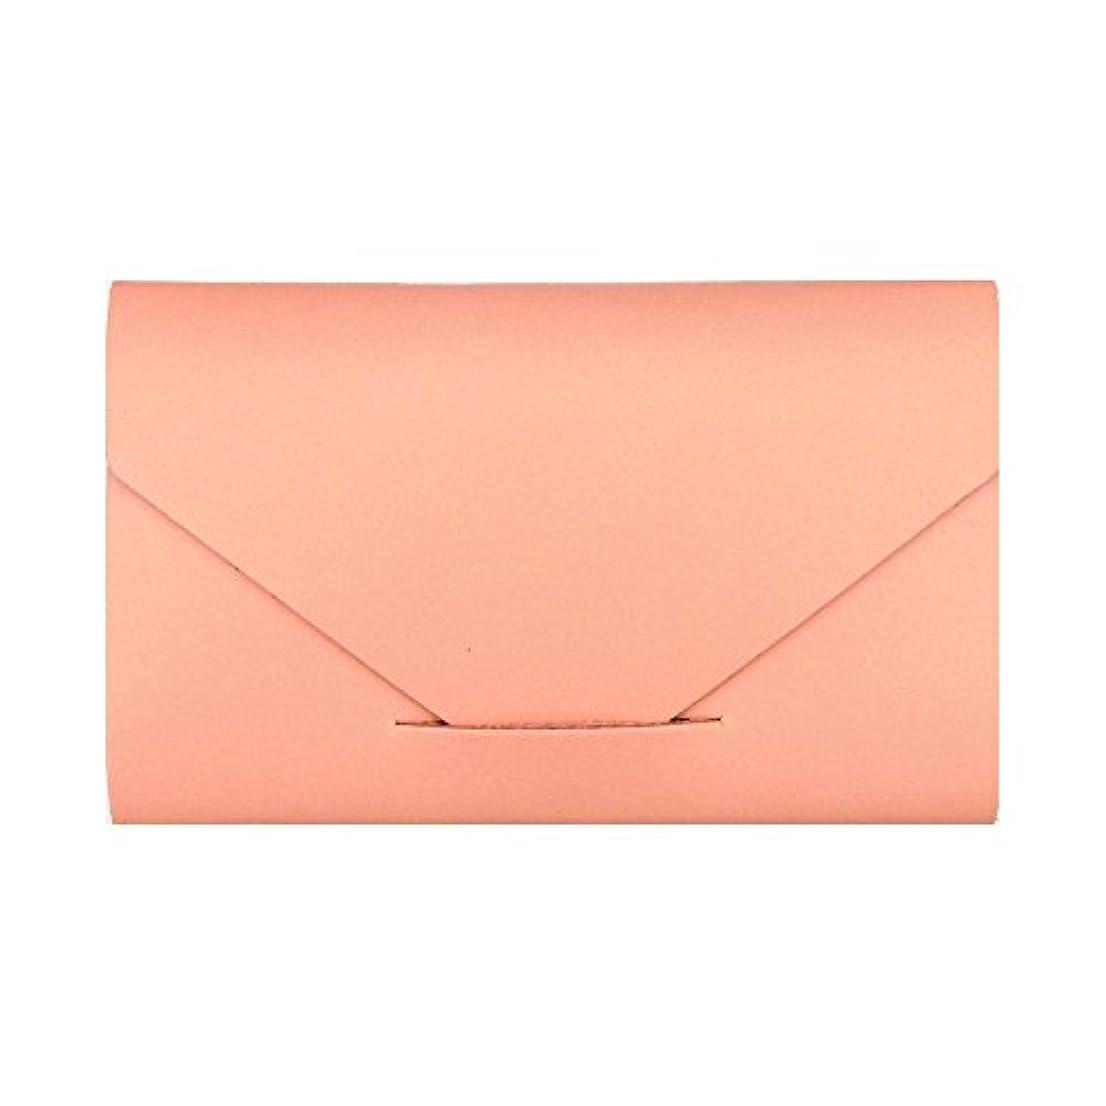 人種生命体としてMODERN AGE TOKYO 2 カードケース(サシェ3種入) ピンク PINK CARD CASE モダンエイジトウキョウツー